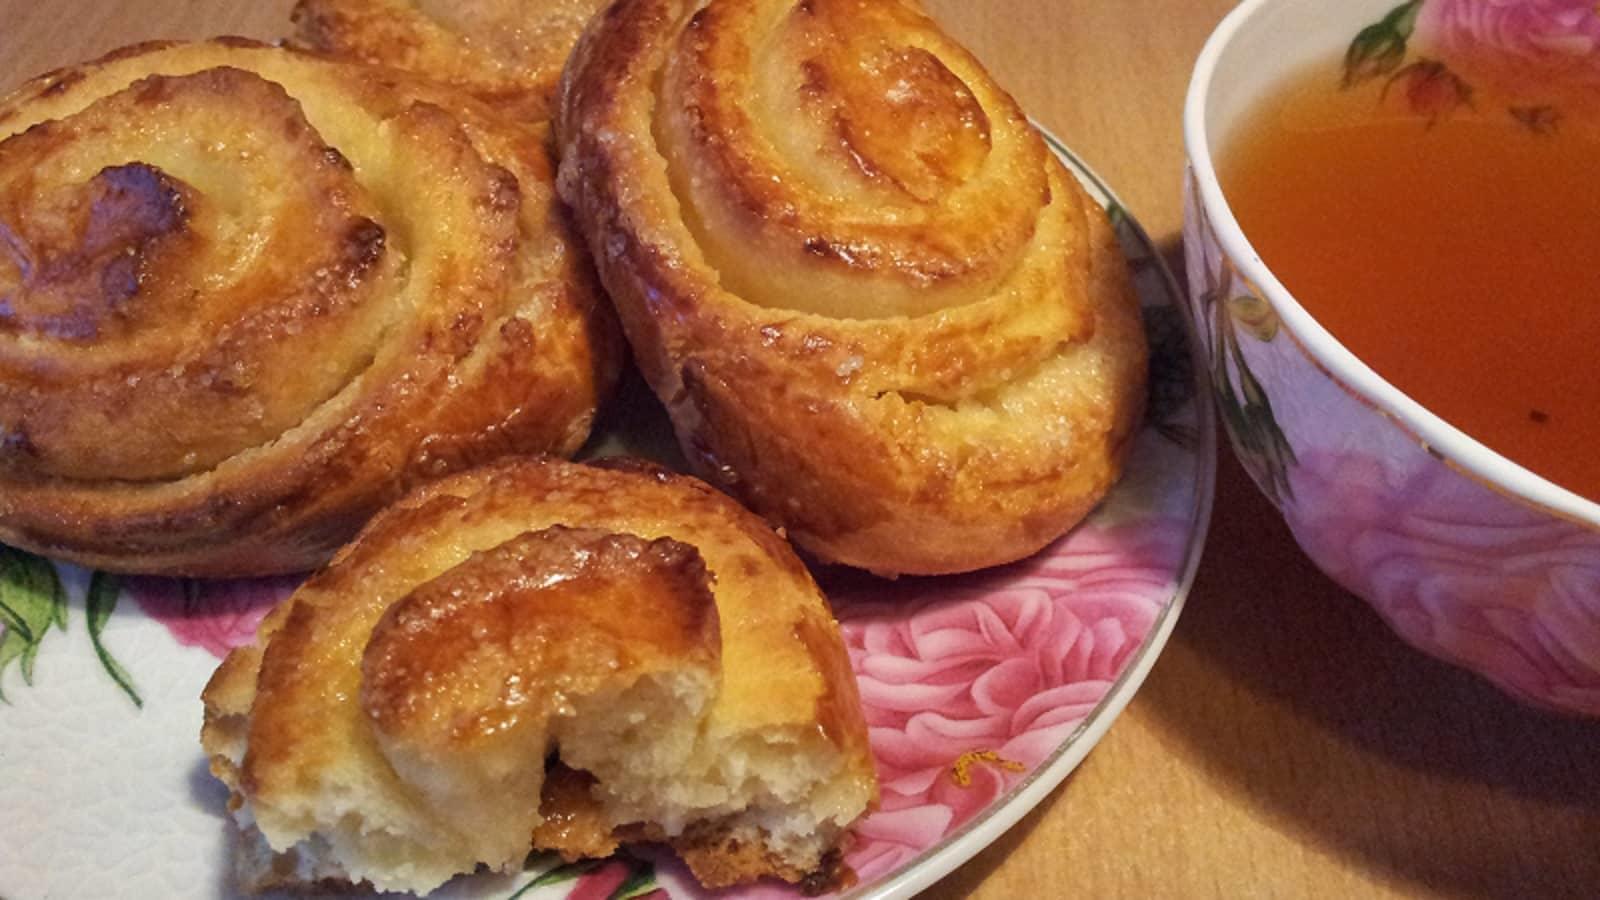 Сытные, вкусные и аппетитные булочки с сахаром — идеальное сладкое угощение для гостей